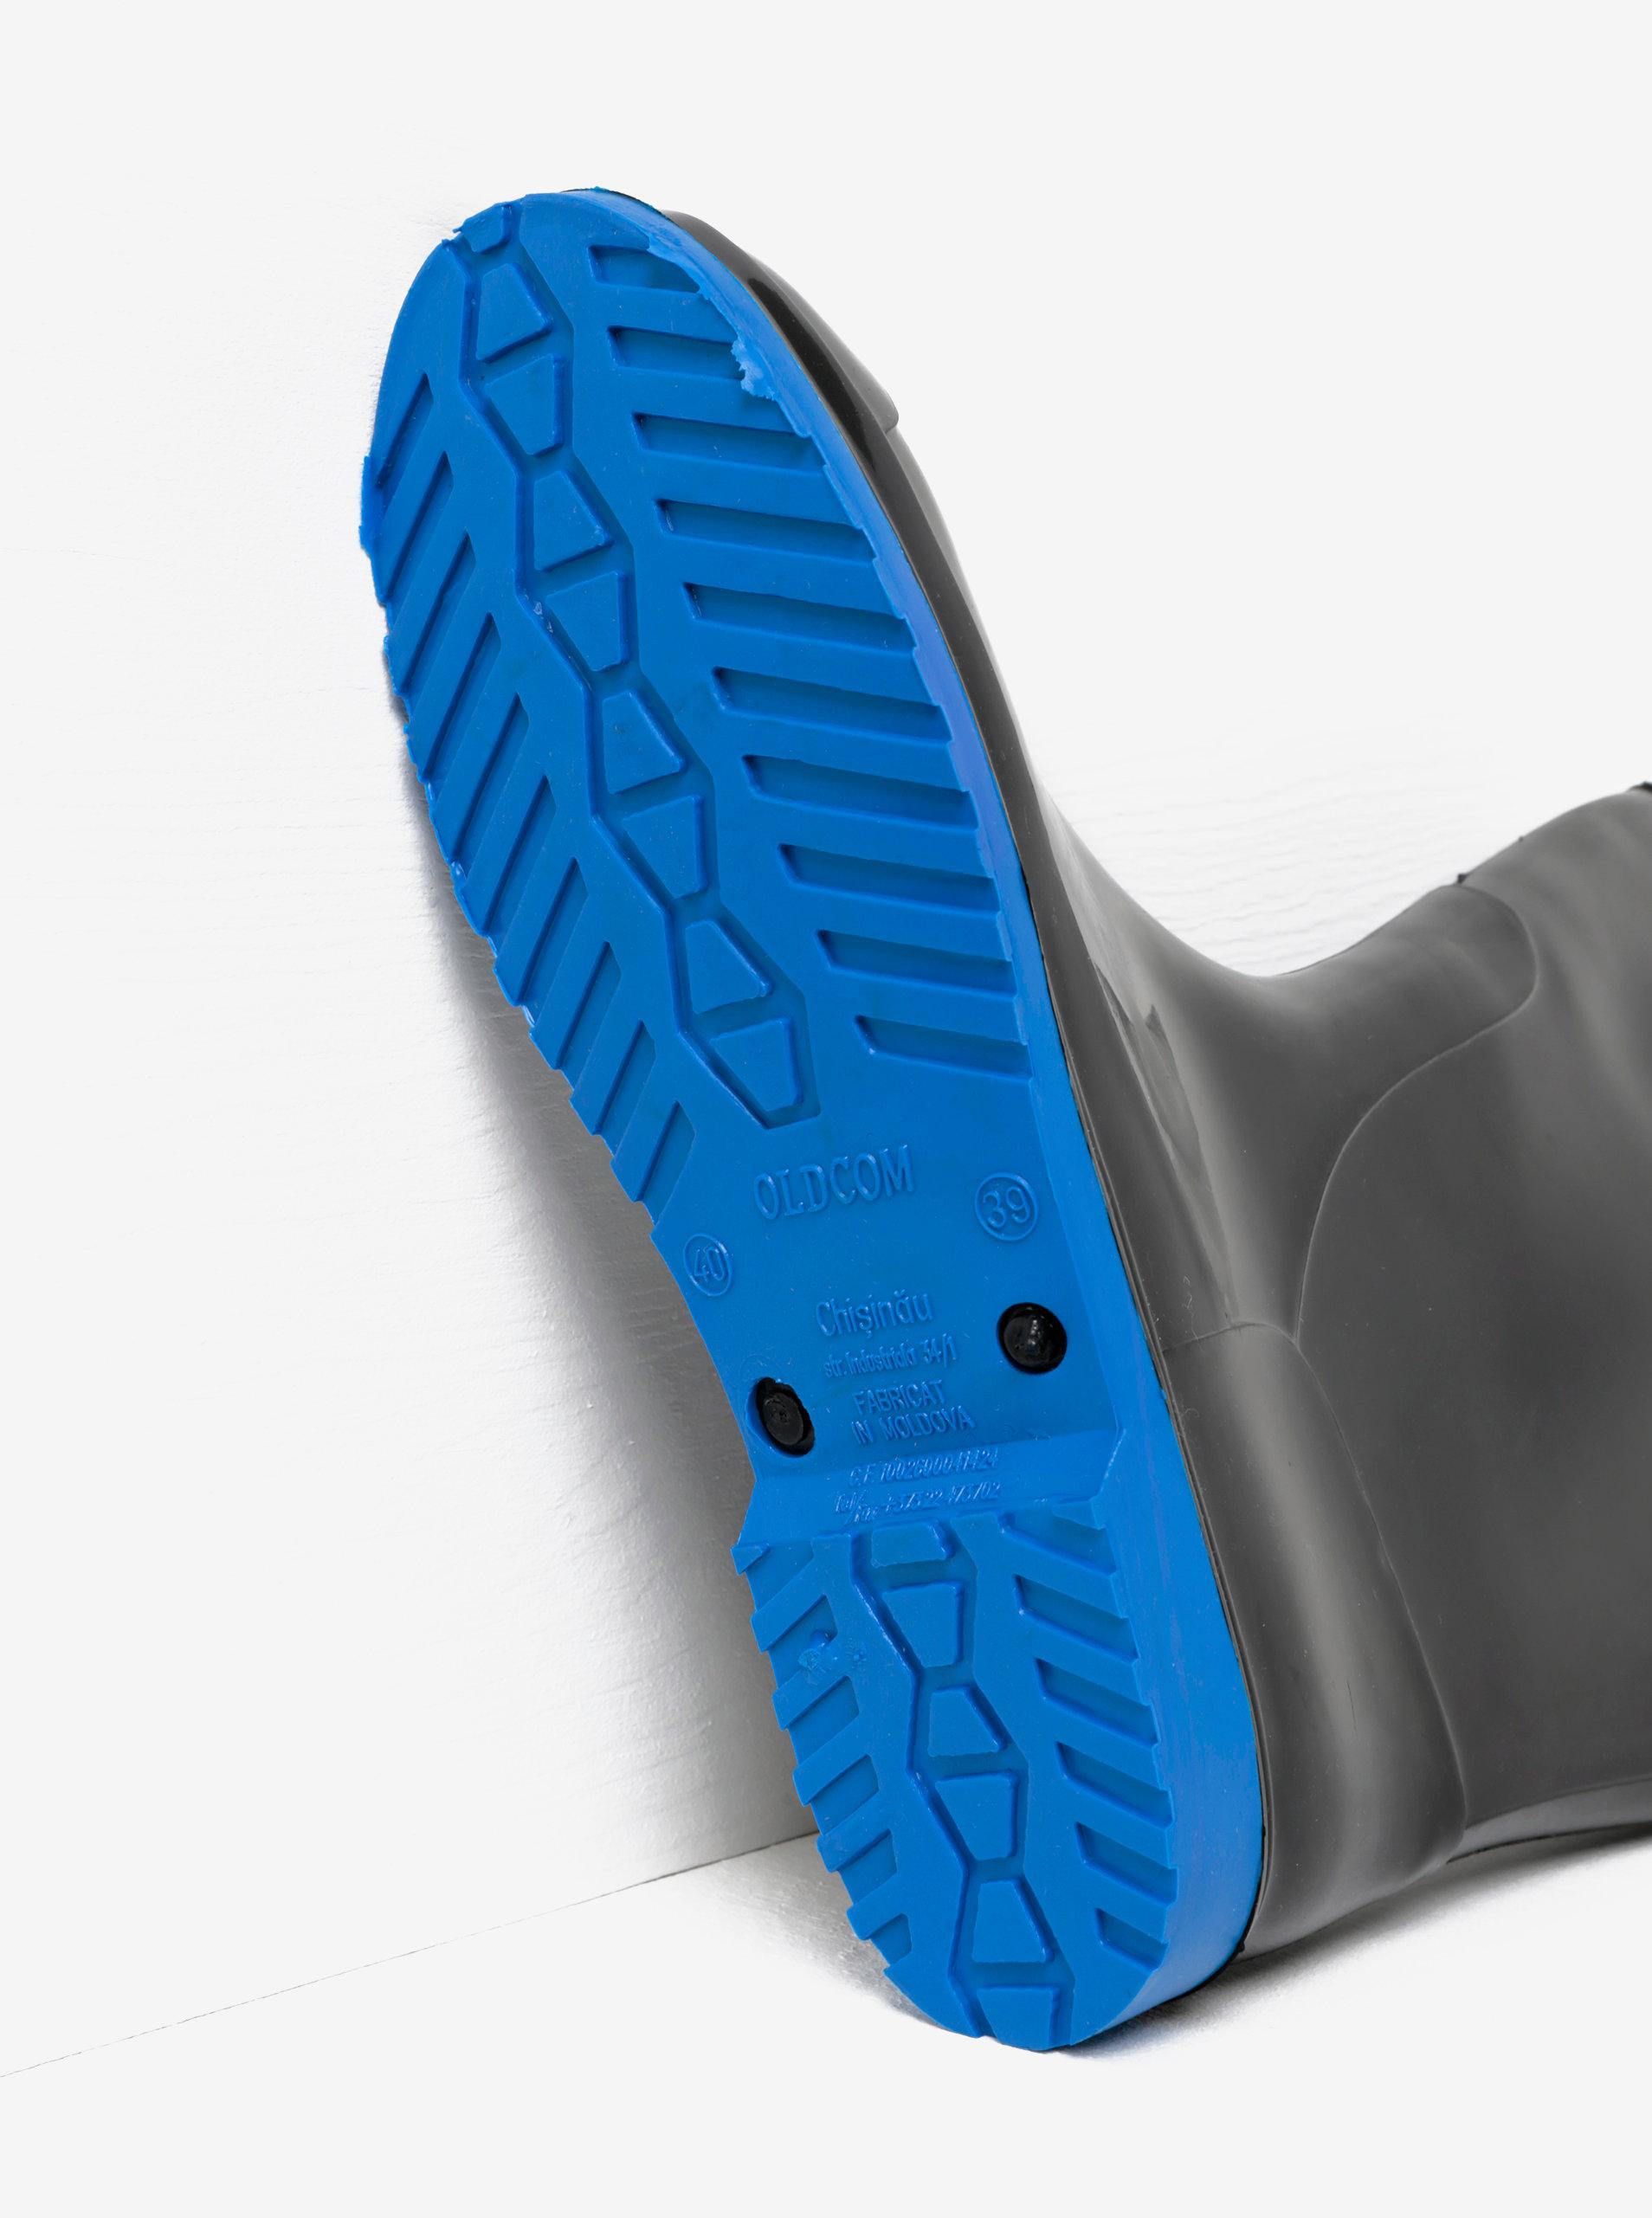 4d8479cb08b9 Čierne dámske gumáky s podrážkou v modrej farbe Oldcom Accent ...